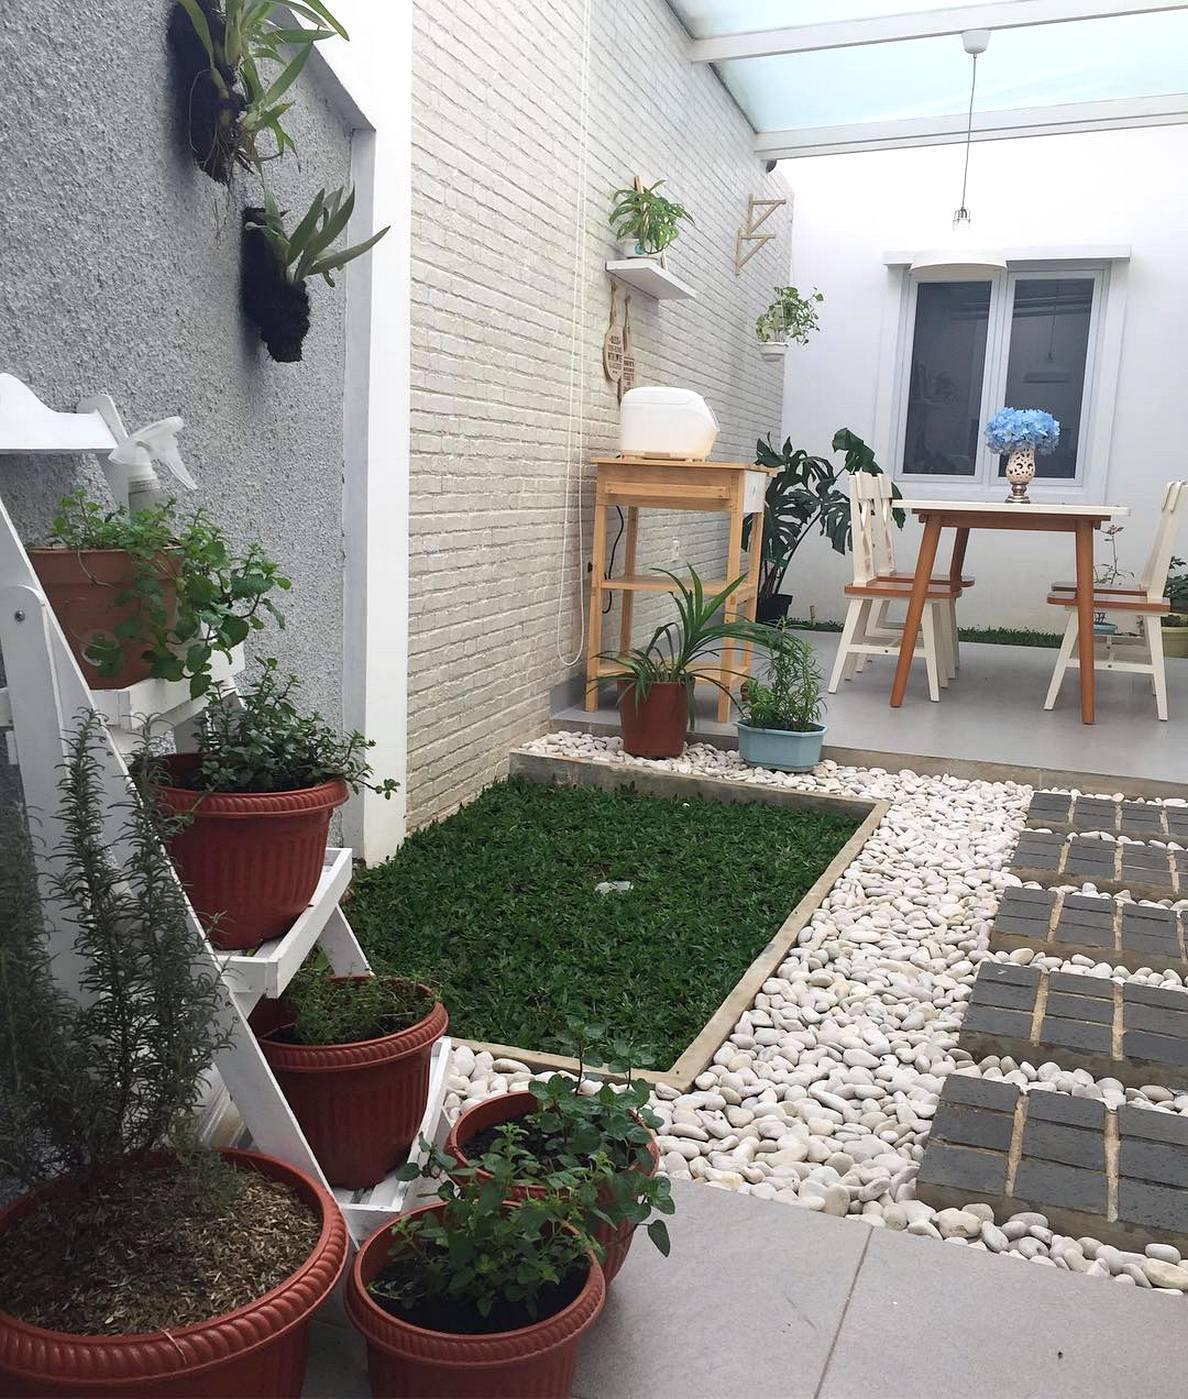 26 Desain Taman Minimalis Lahan Sempit 2018 Dekor Rumah